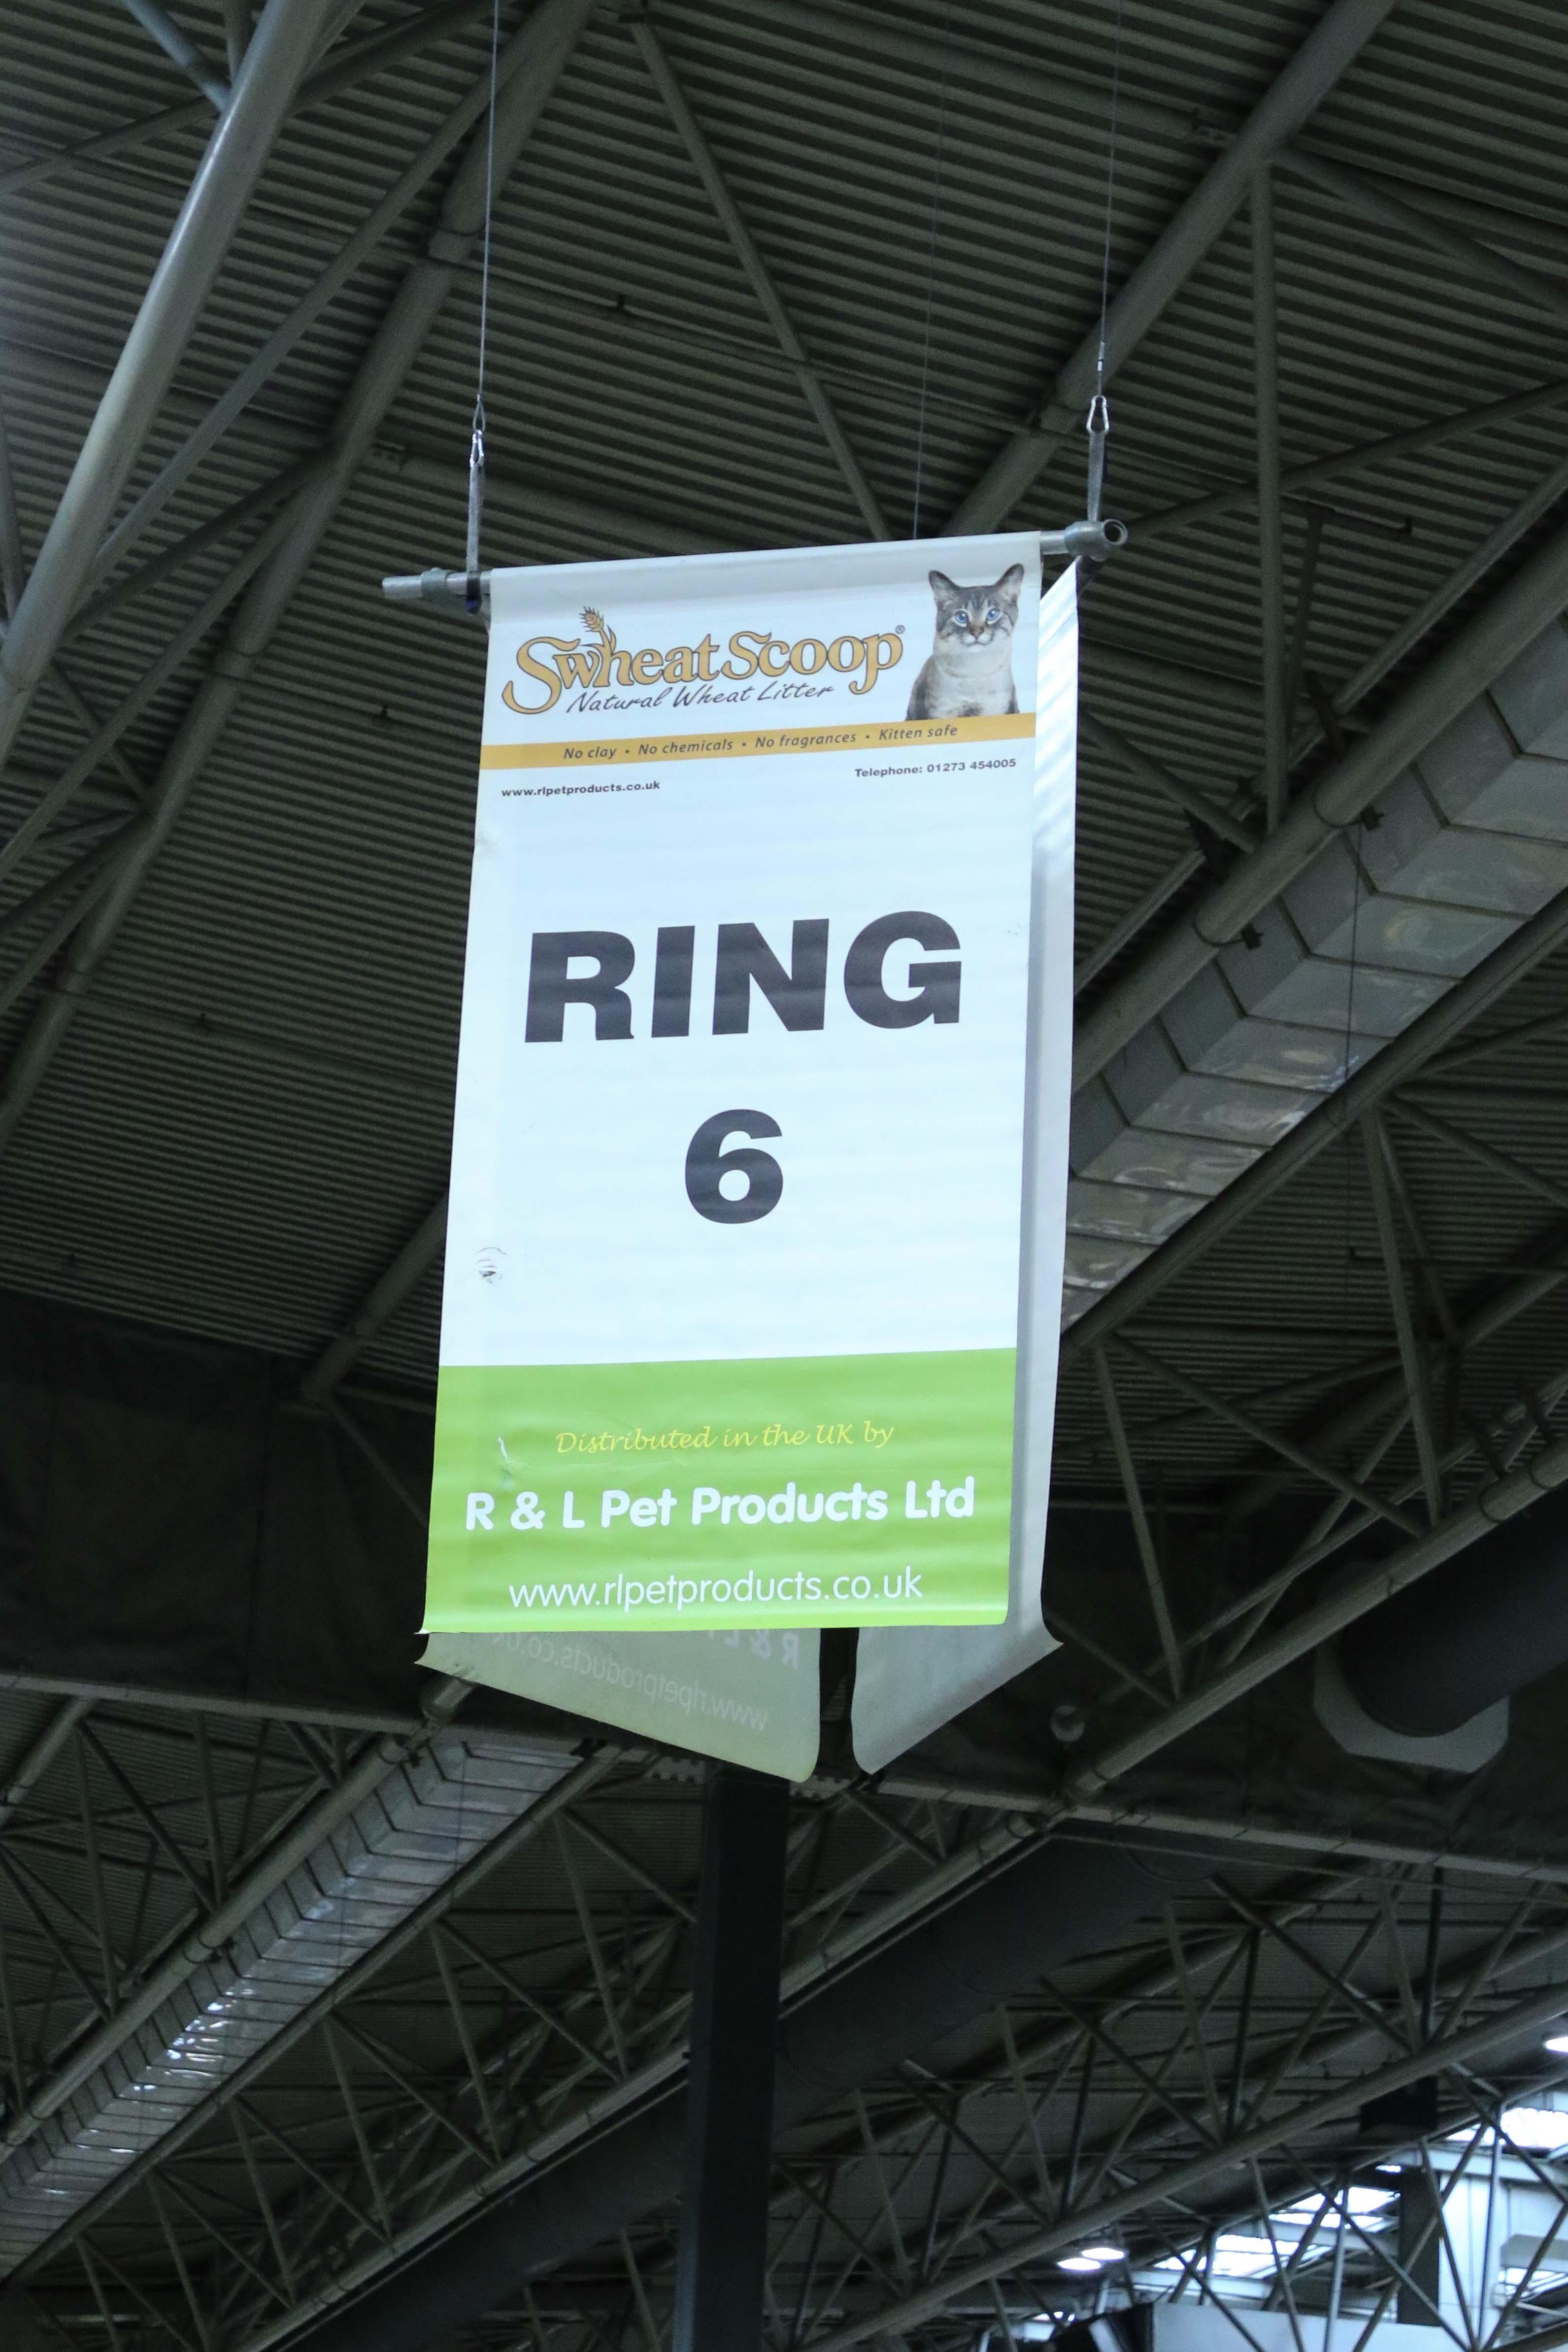 Judging ring